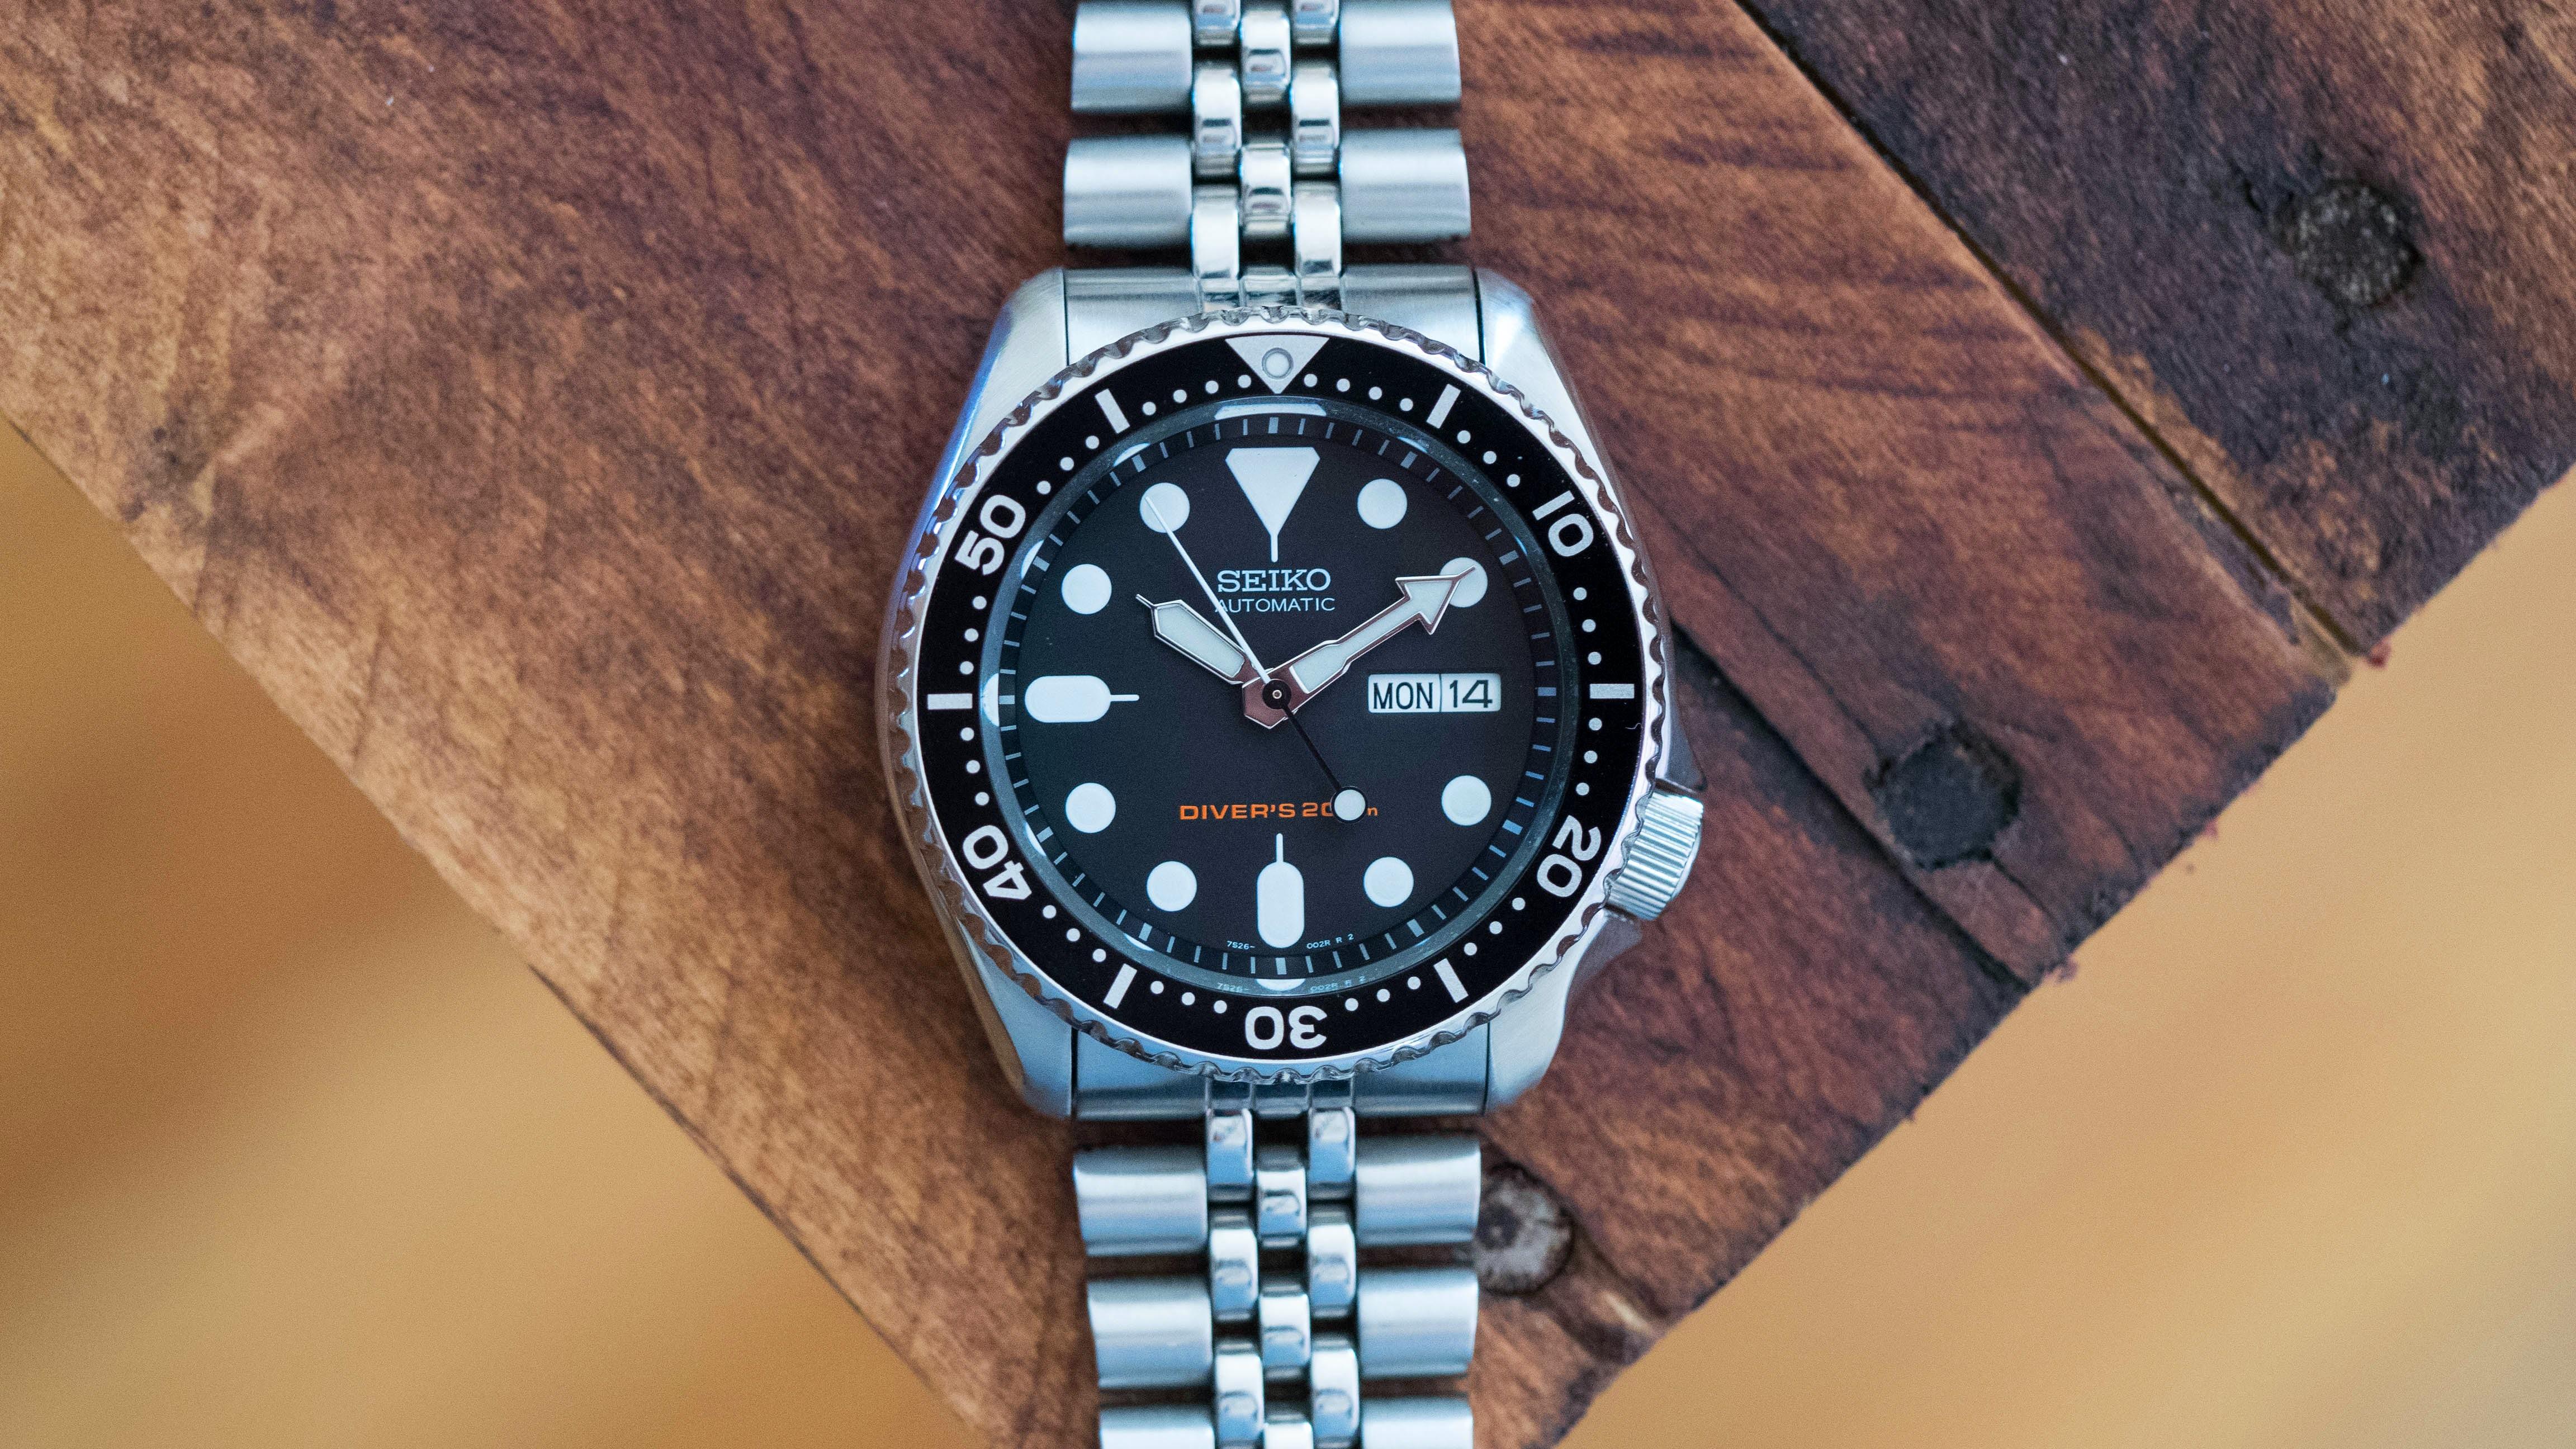 La proposition de valeur: La montre de Seiko SKX007 Diver - HODINKEE